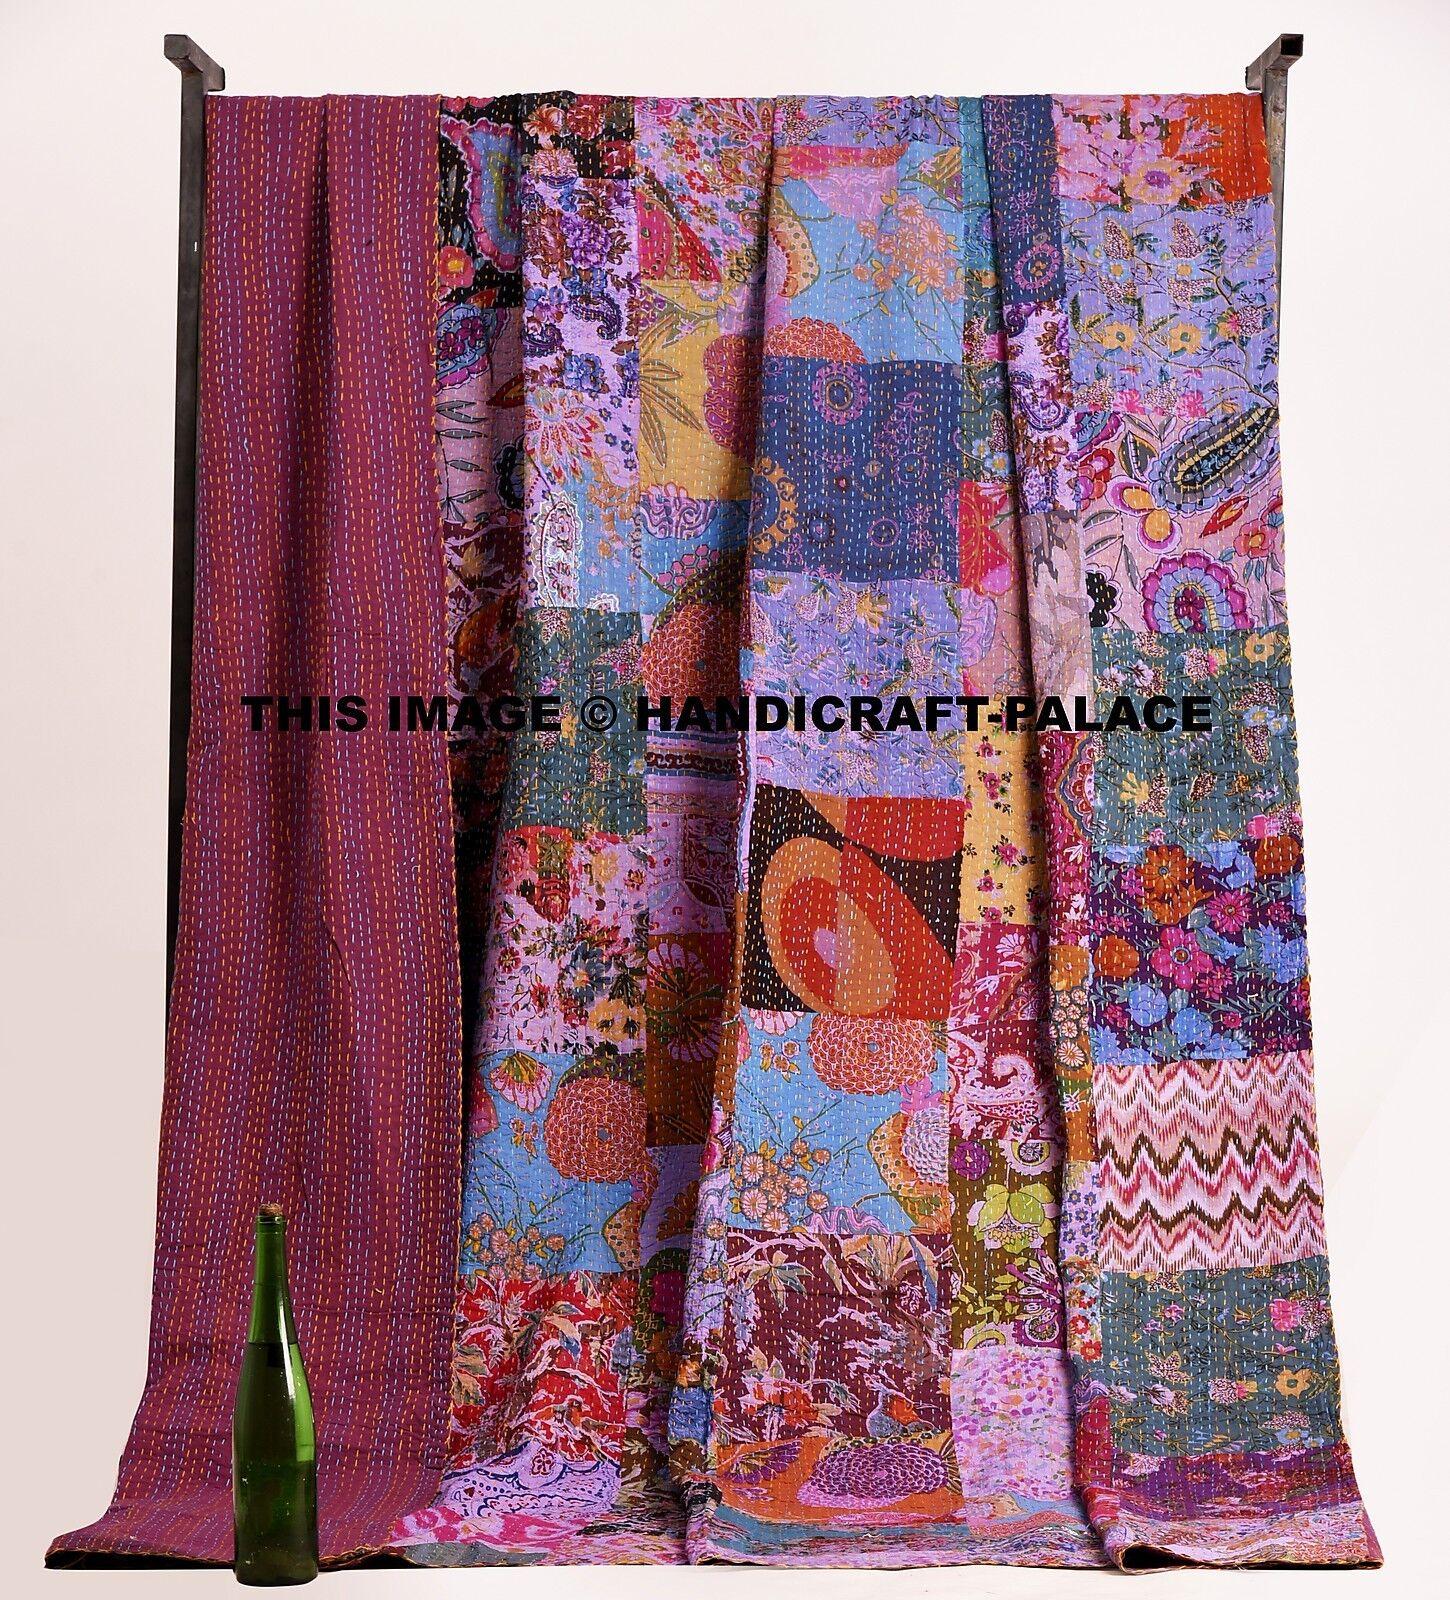 Indian Patchwork Kantha Quilt Ethnic King Bedspread Bohemian Blanket Bedding